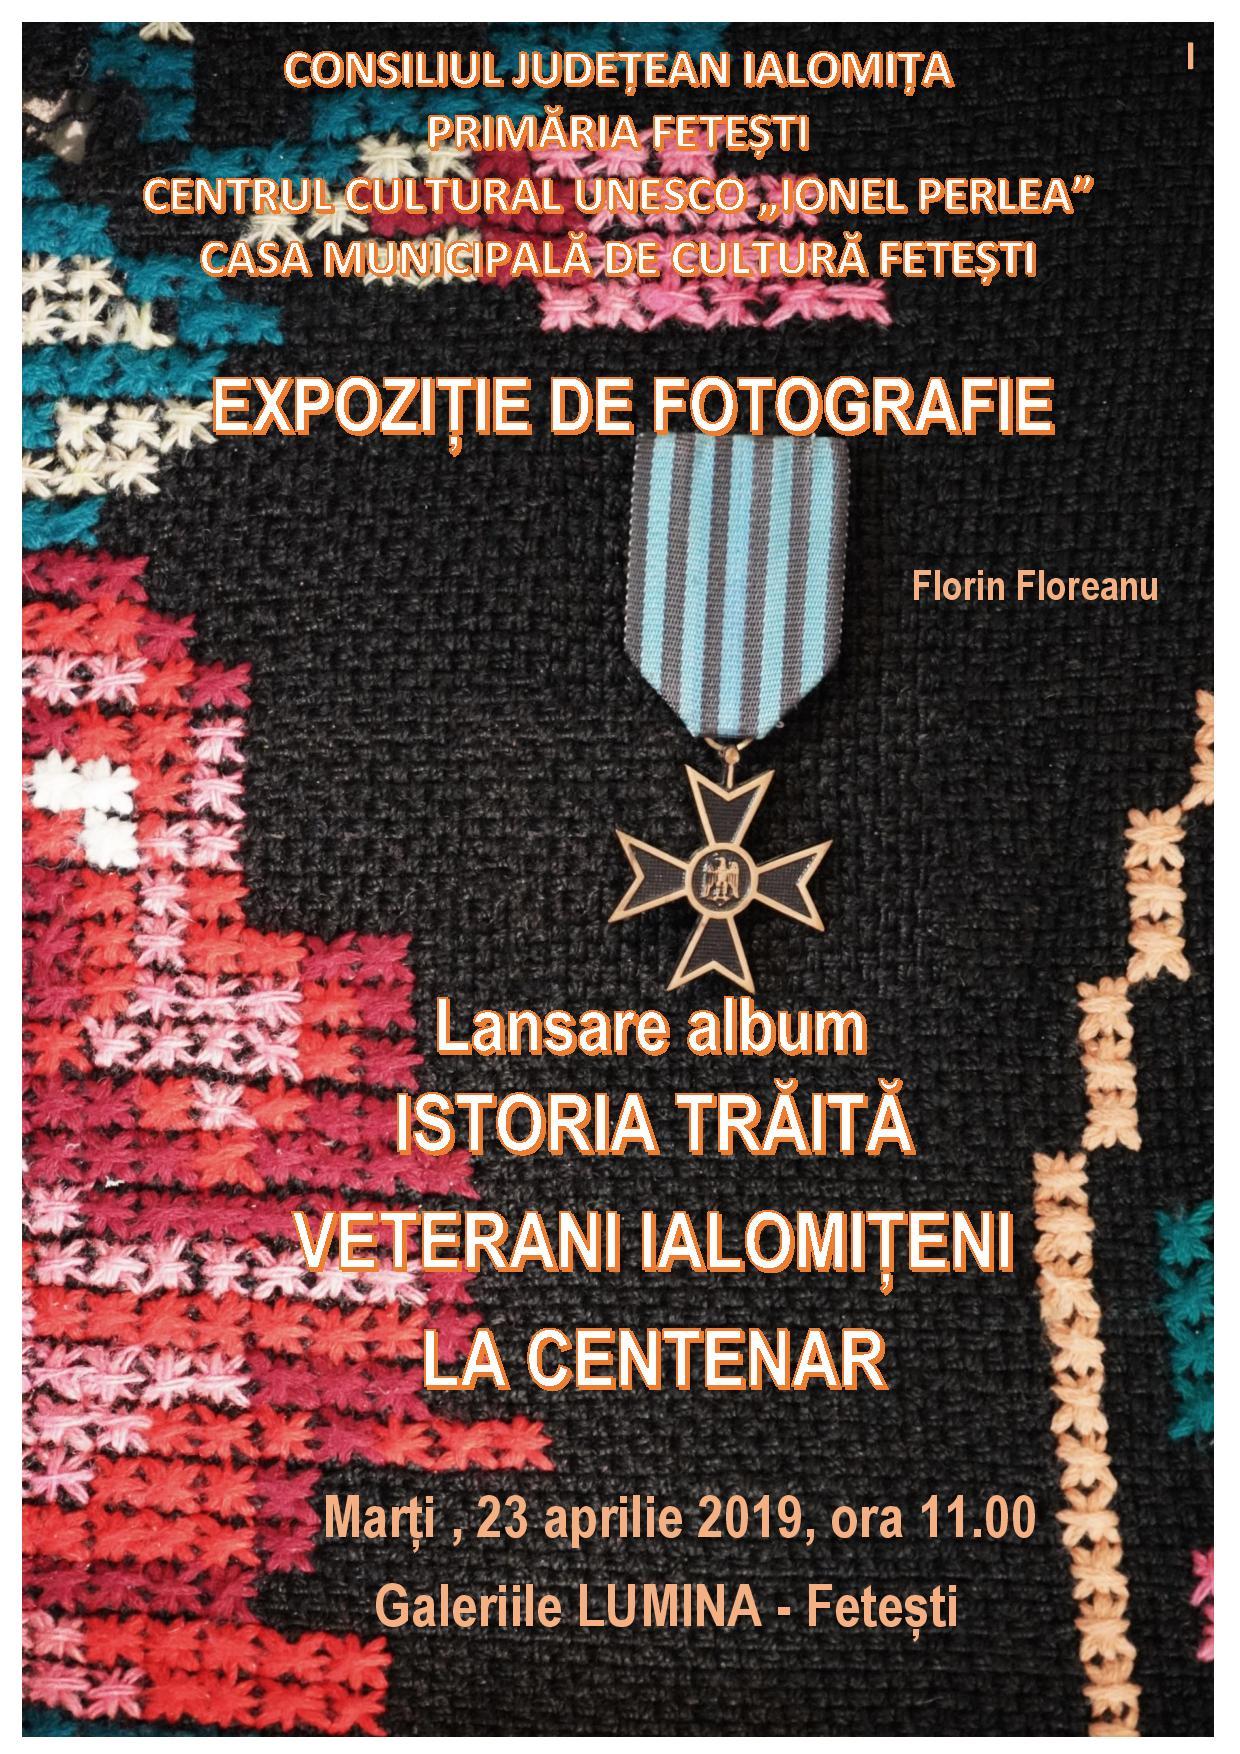 """Expoziție de fotografie – Lansare album ,,Istoria trăită, veterani ialomițeni la centenar"""",23 aprilie 2019, ora 11.00, Galeriile Lumina, Fetești"""